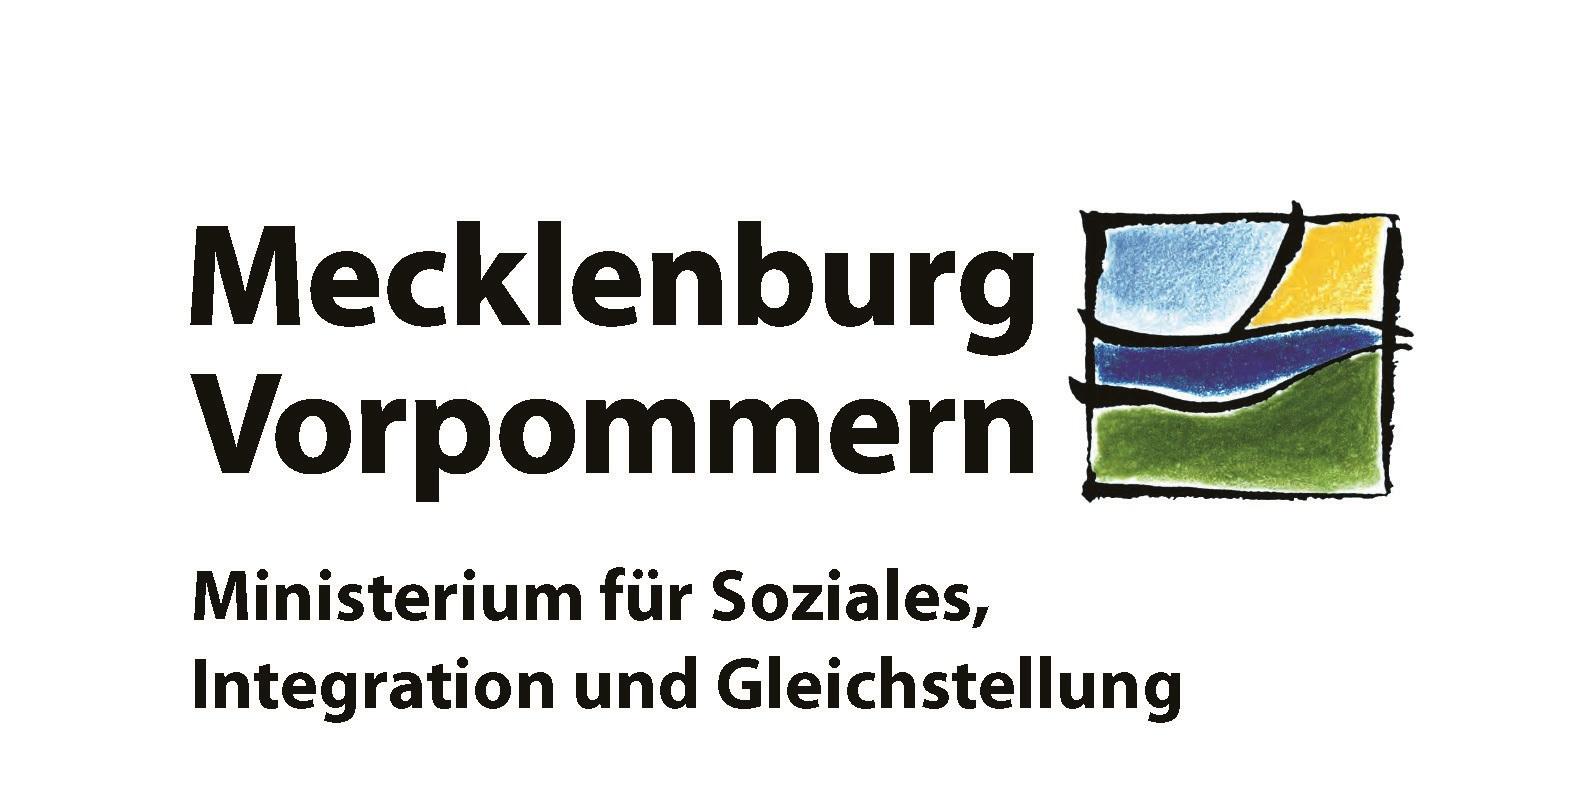 Ministerium für Soziales, Integration und Gleichstellung Mecklenburg-Vorpommern